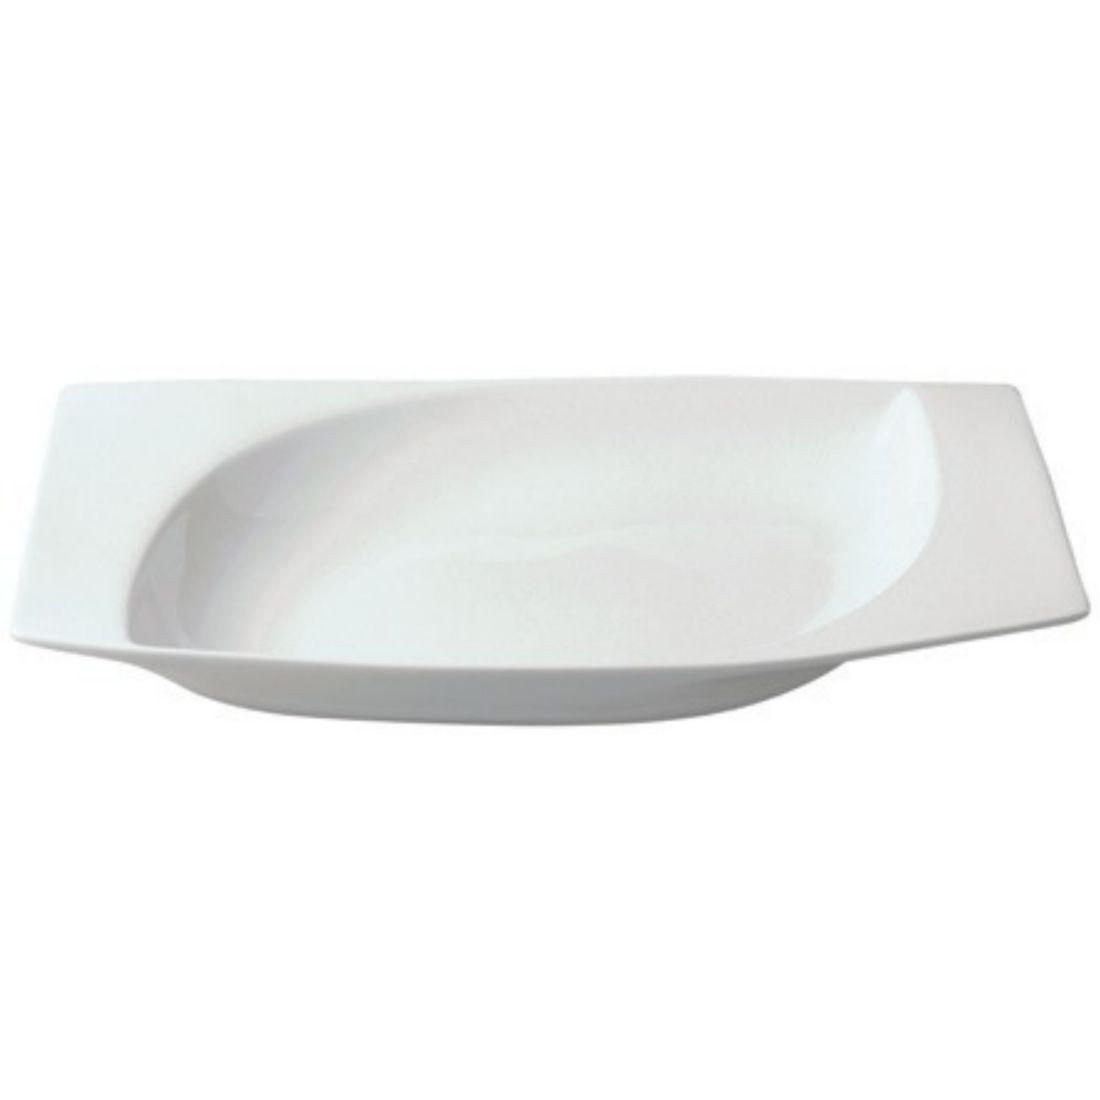 Mazza talíř hluboký obdélný 20 x 13 cm